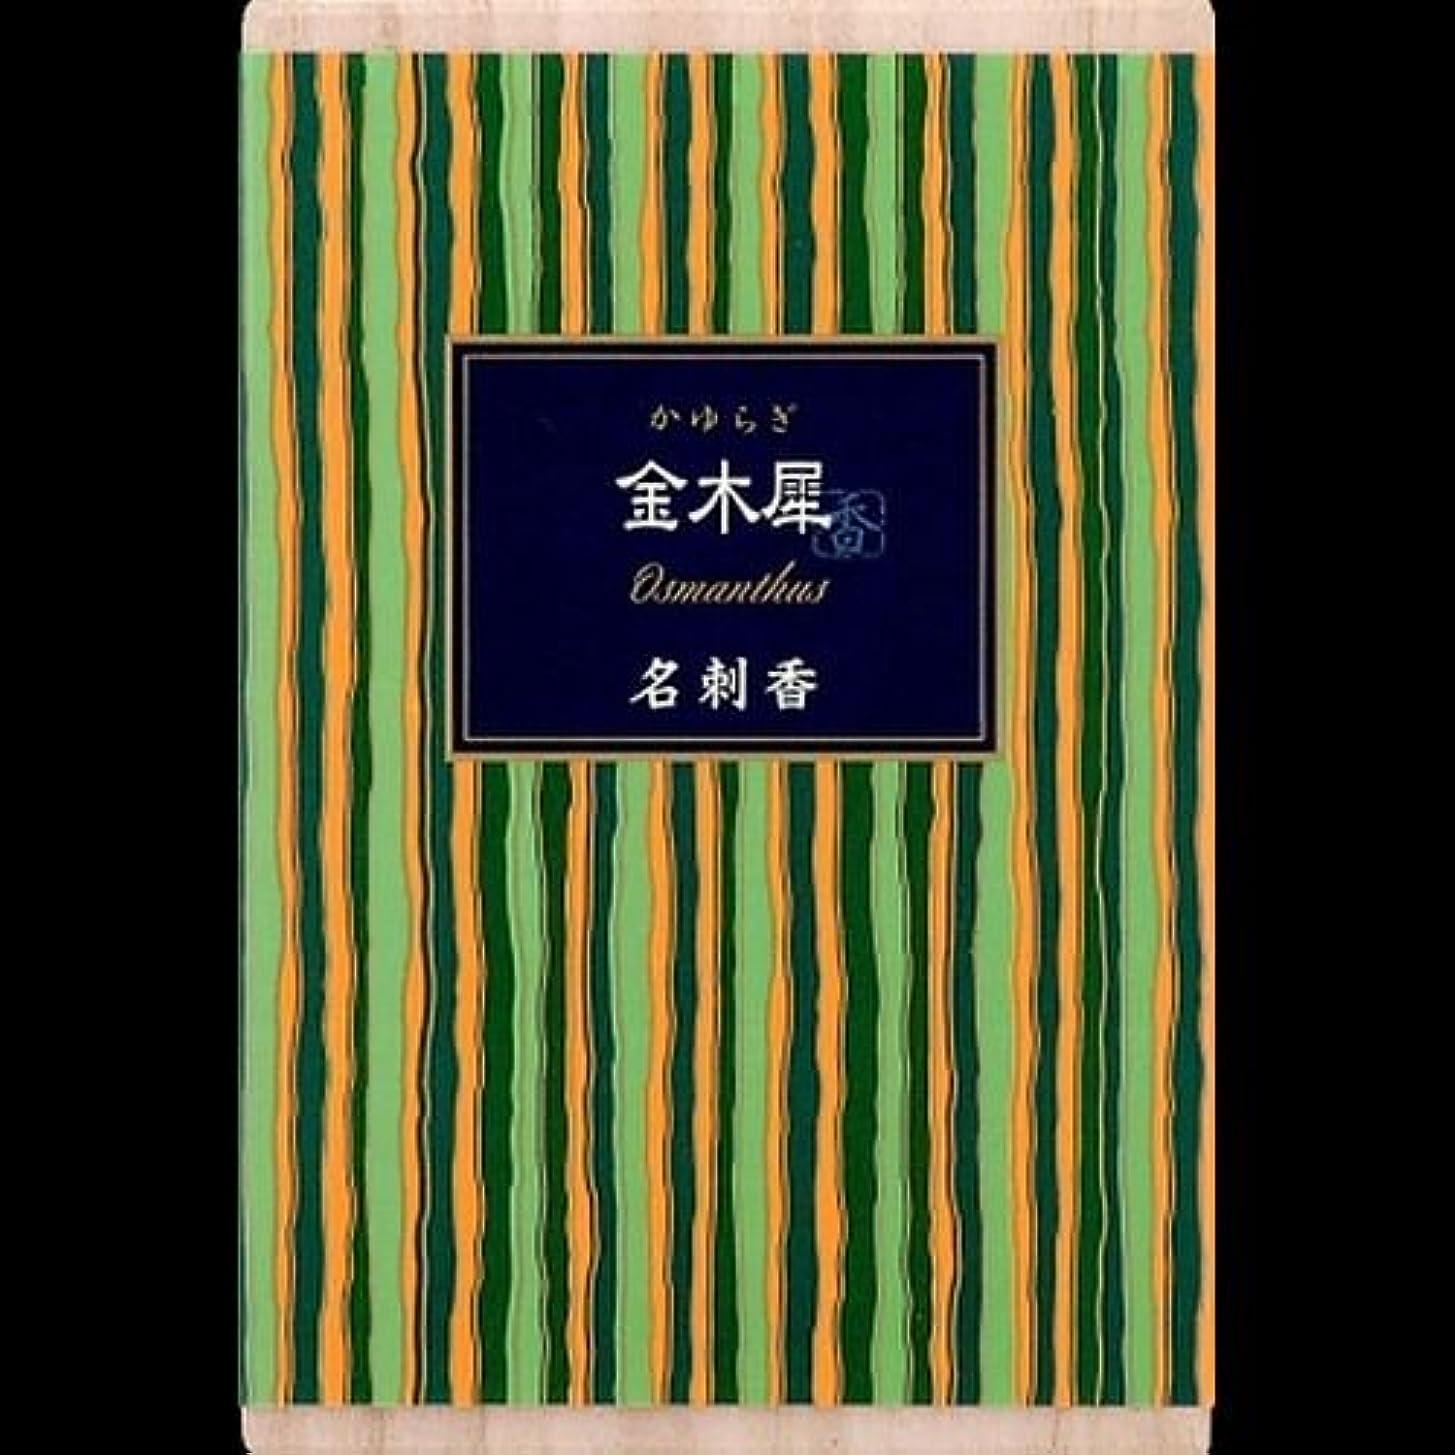 発行するあたたかいかすかな【まとめ買い】かゆらぎ 金木犀 名刺香 桐箱 6入 ×2セット